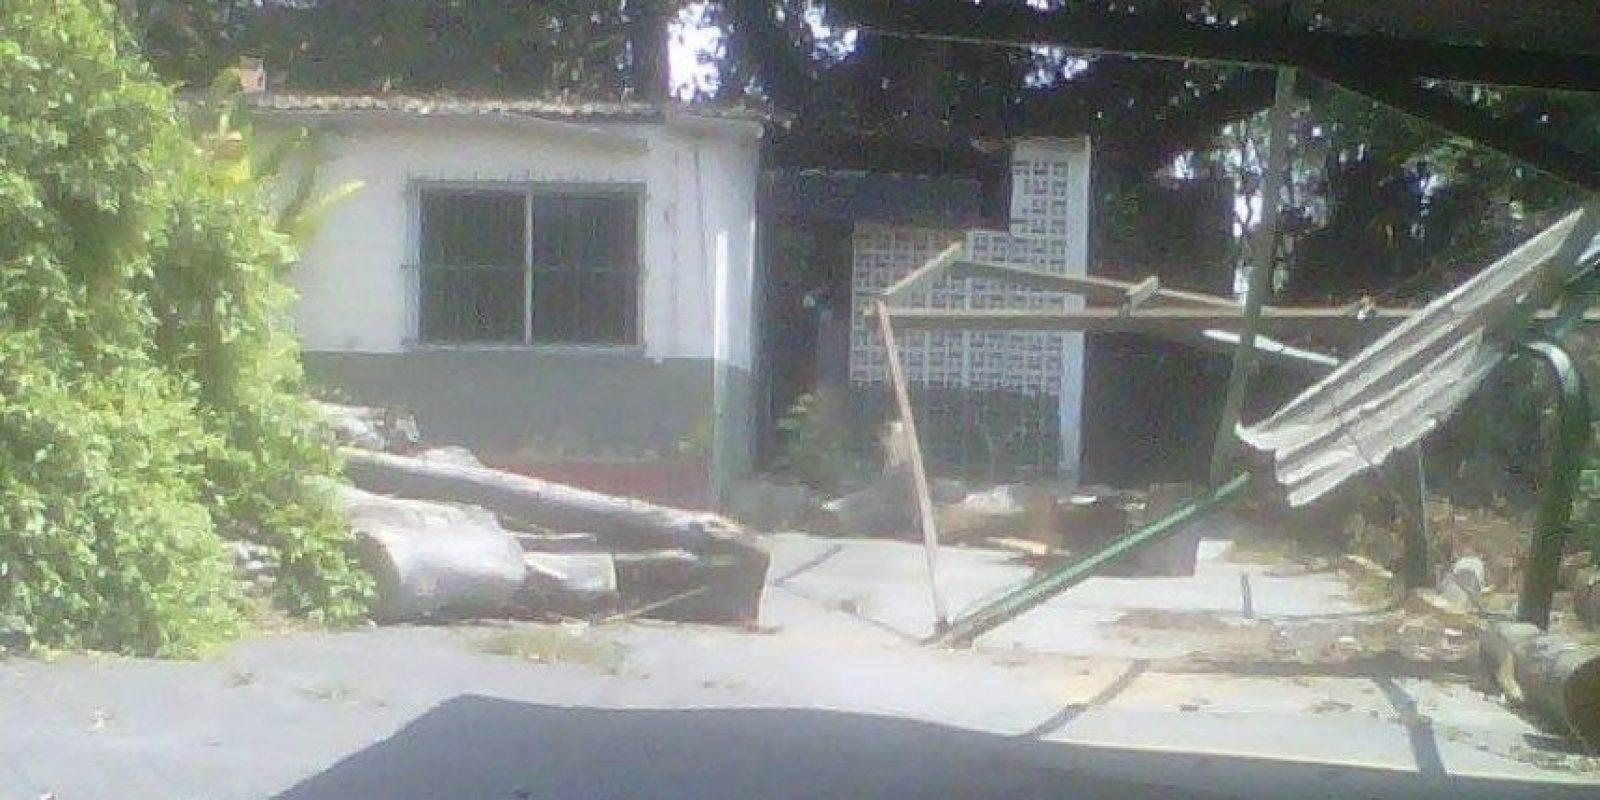 Las instalaciones del zoolótgico venezolano Foto:Facebook.com/marlene.sifontesguevara